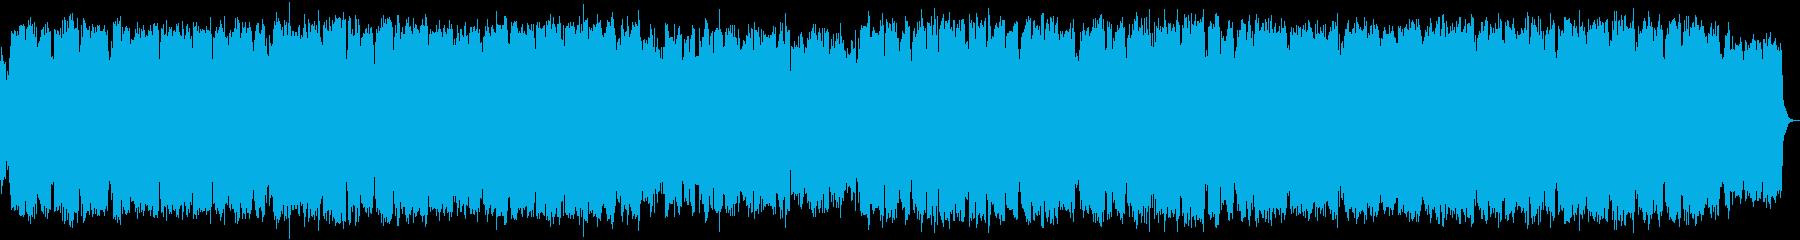 風の竹笛のヒーリング音楽の再生済みの波形